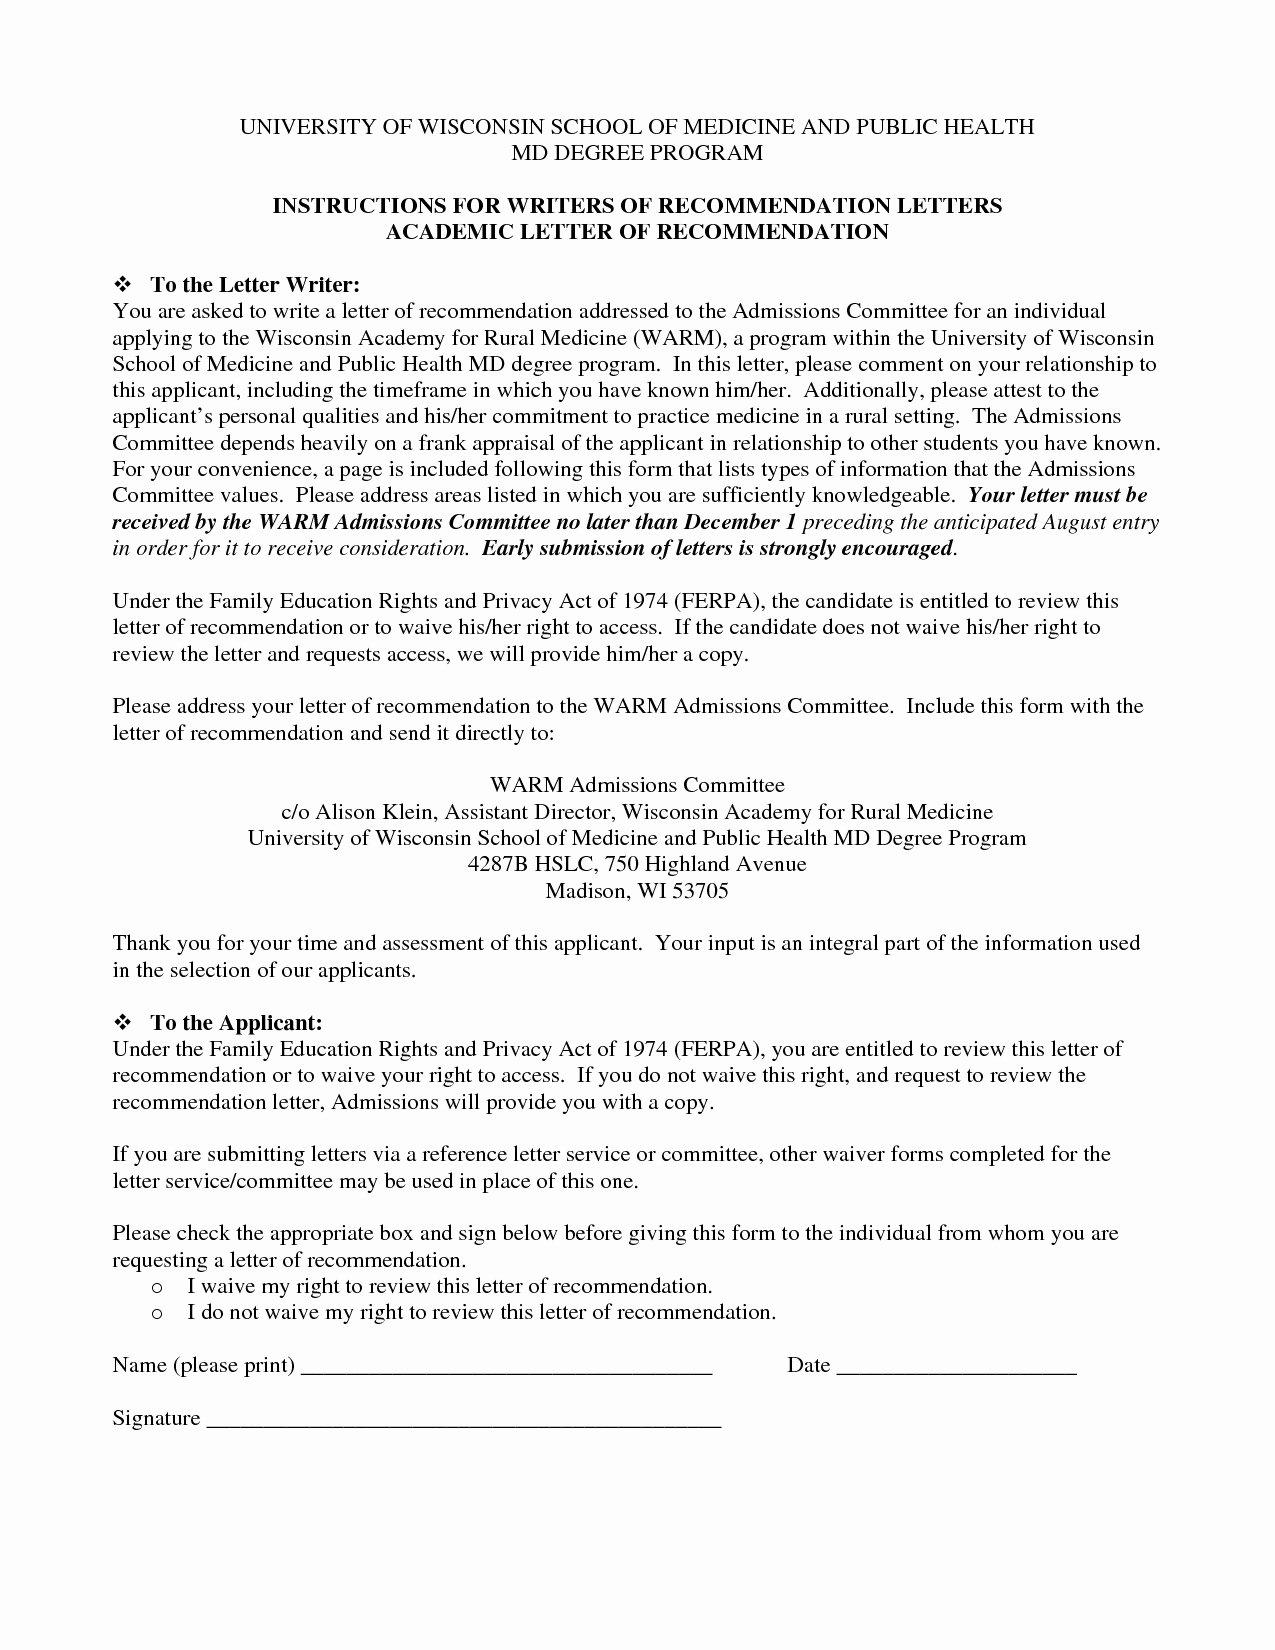 Medical School Recommendation Letter Elegant Template for Letter Re Mendation for Medical School